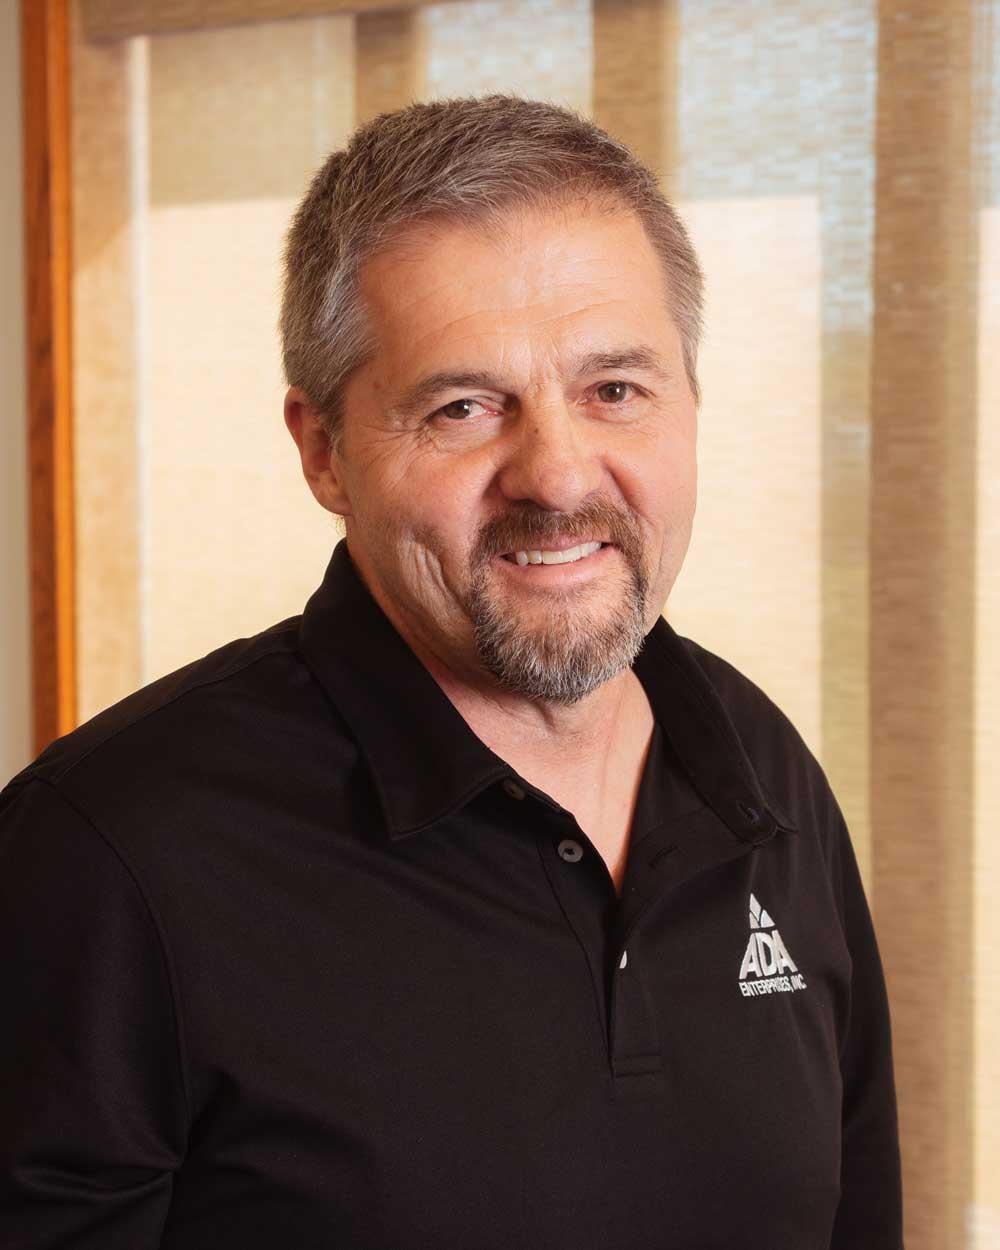 Jeff Baumann, Operations Manager